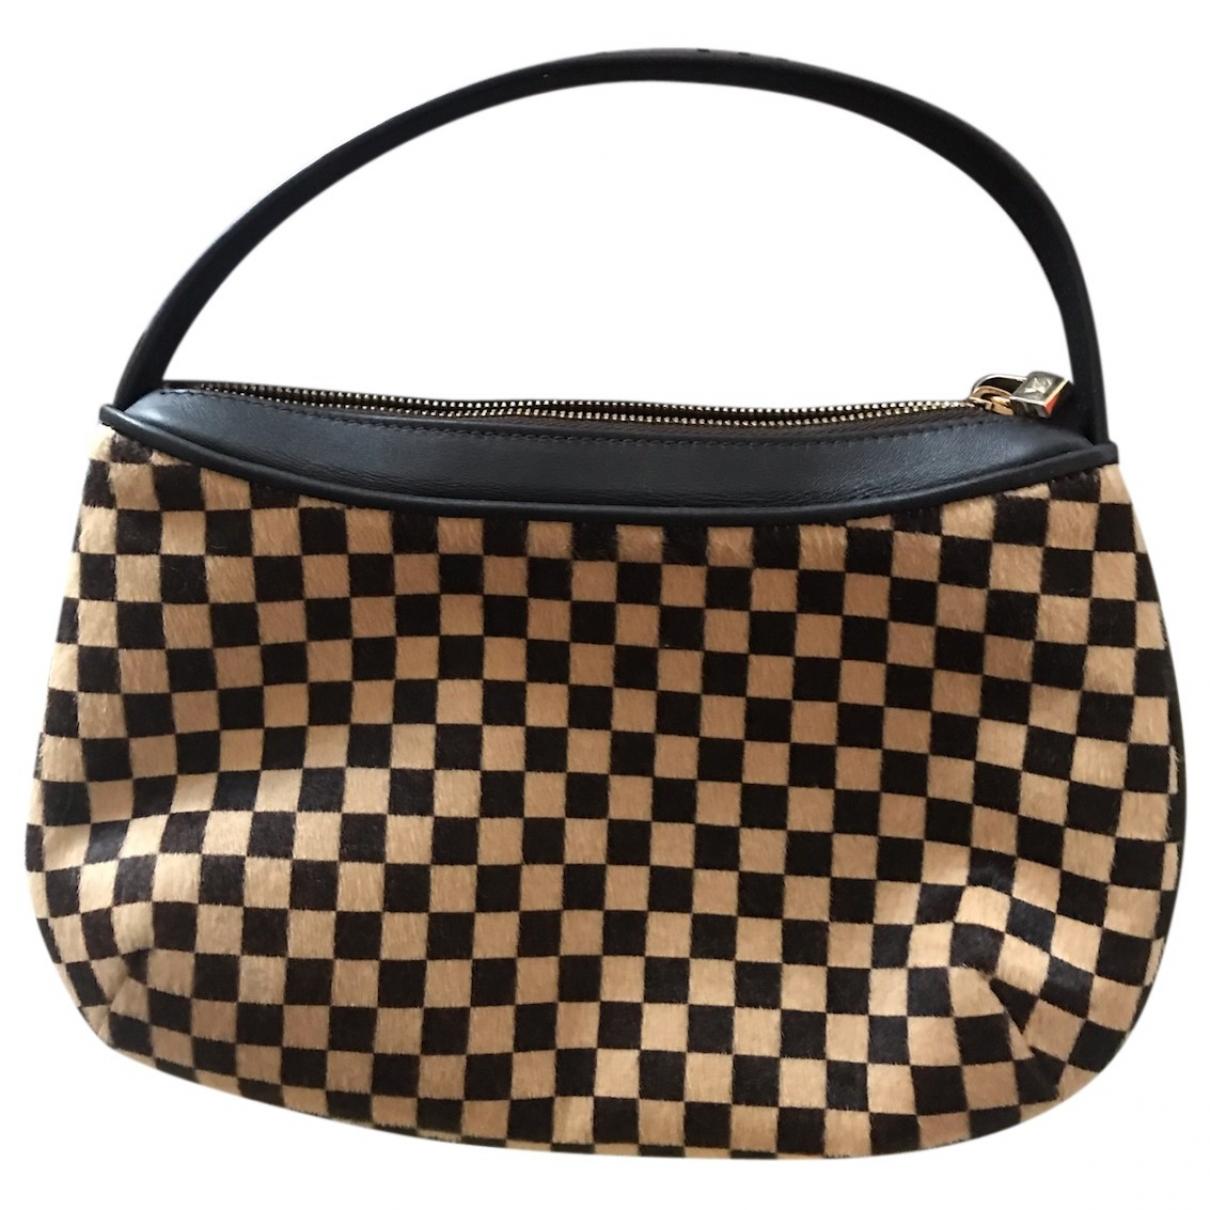 Louis Vuitton \N Handtasche in  Braun Kalbsleder in Pony-Optik